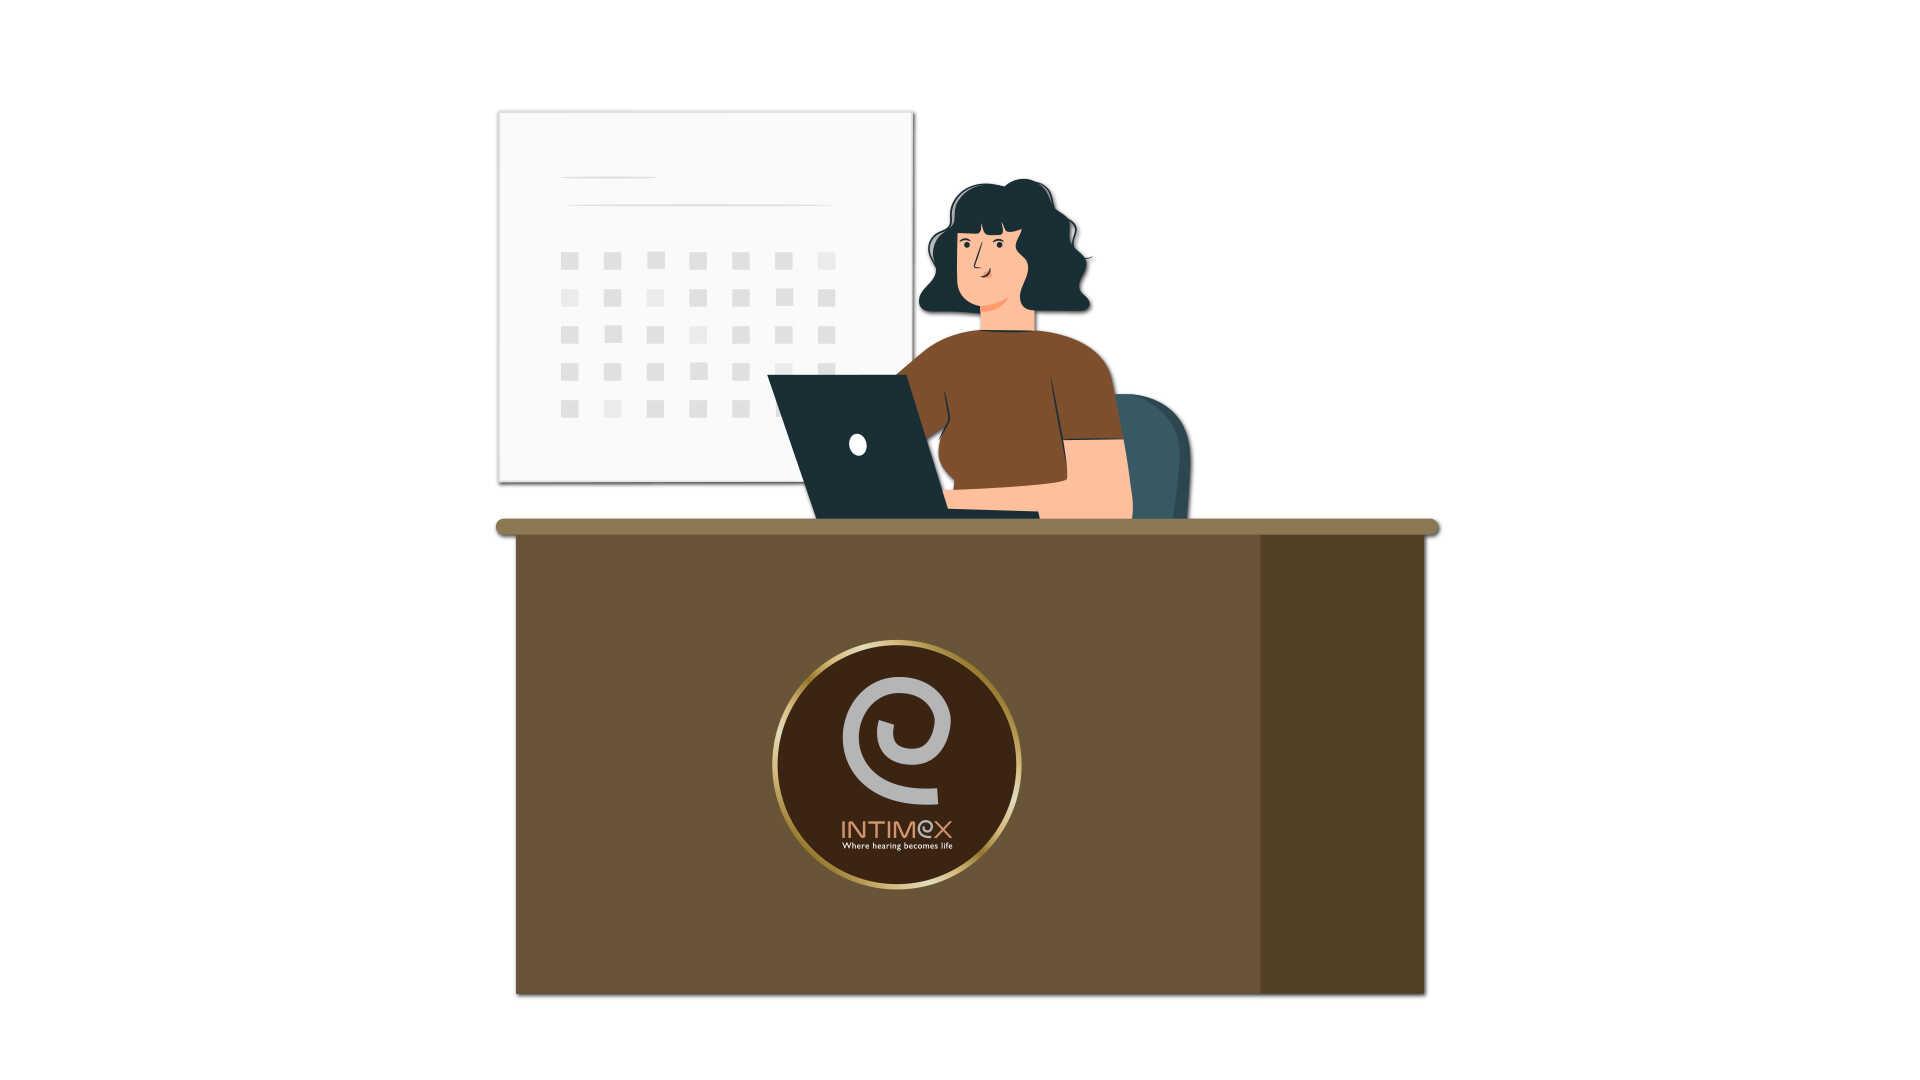 LOW TOUCH Service บริการแบบปลอดเชื้อ โควิด 19 เครื่องช่วยฟัง แผนกบริการลูกค้า